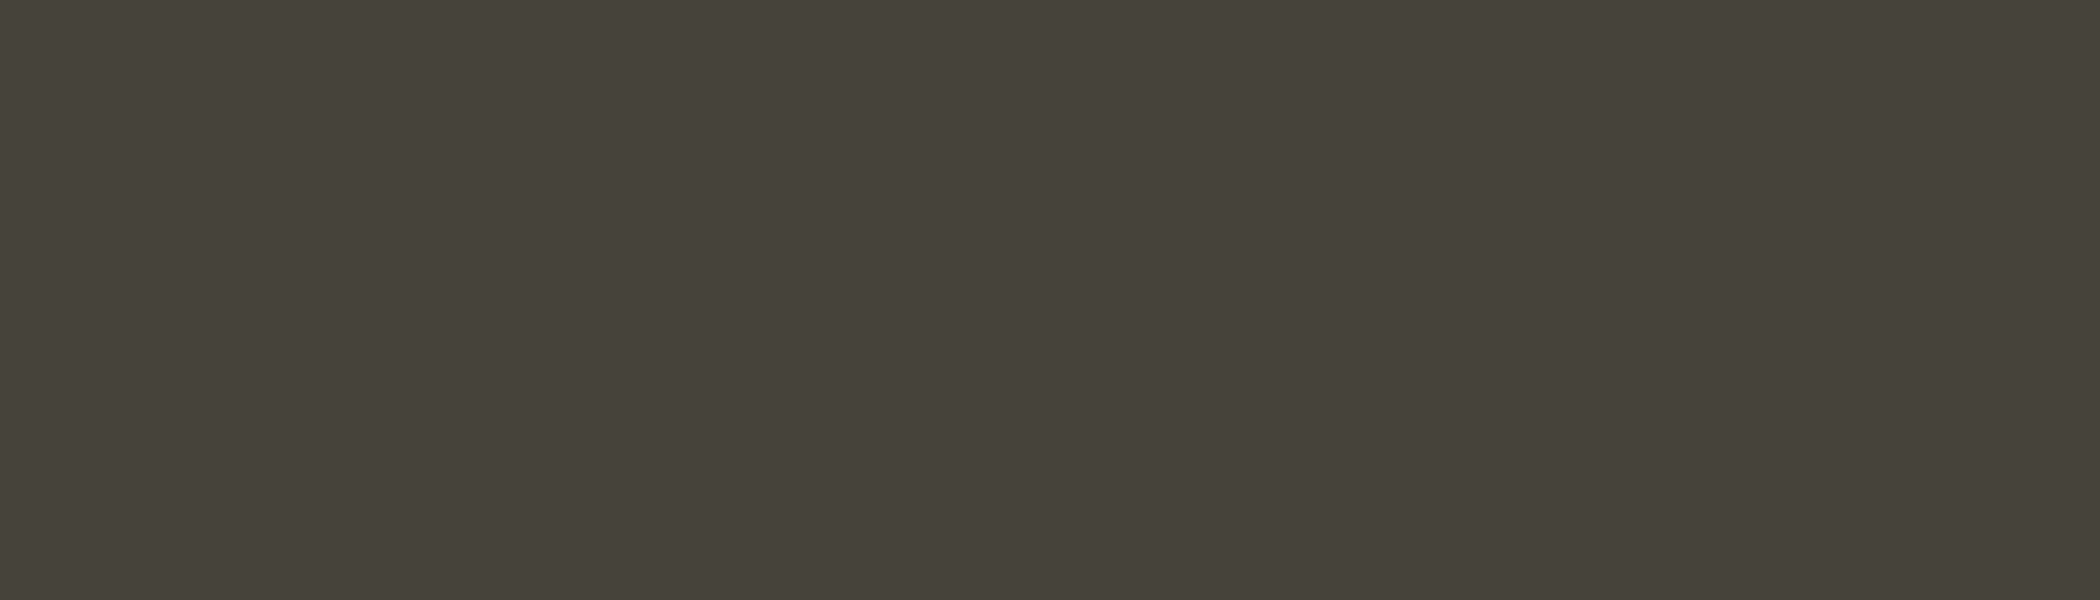 Terraria, proceduralgeneration, terraria, Slowed Down Terrraria Gen GIFs